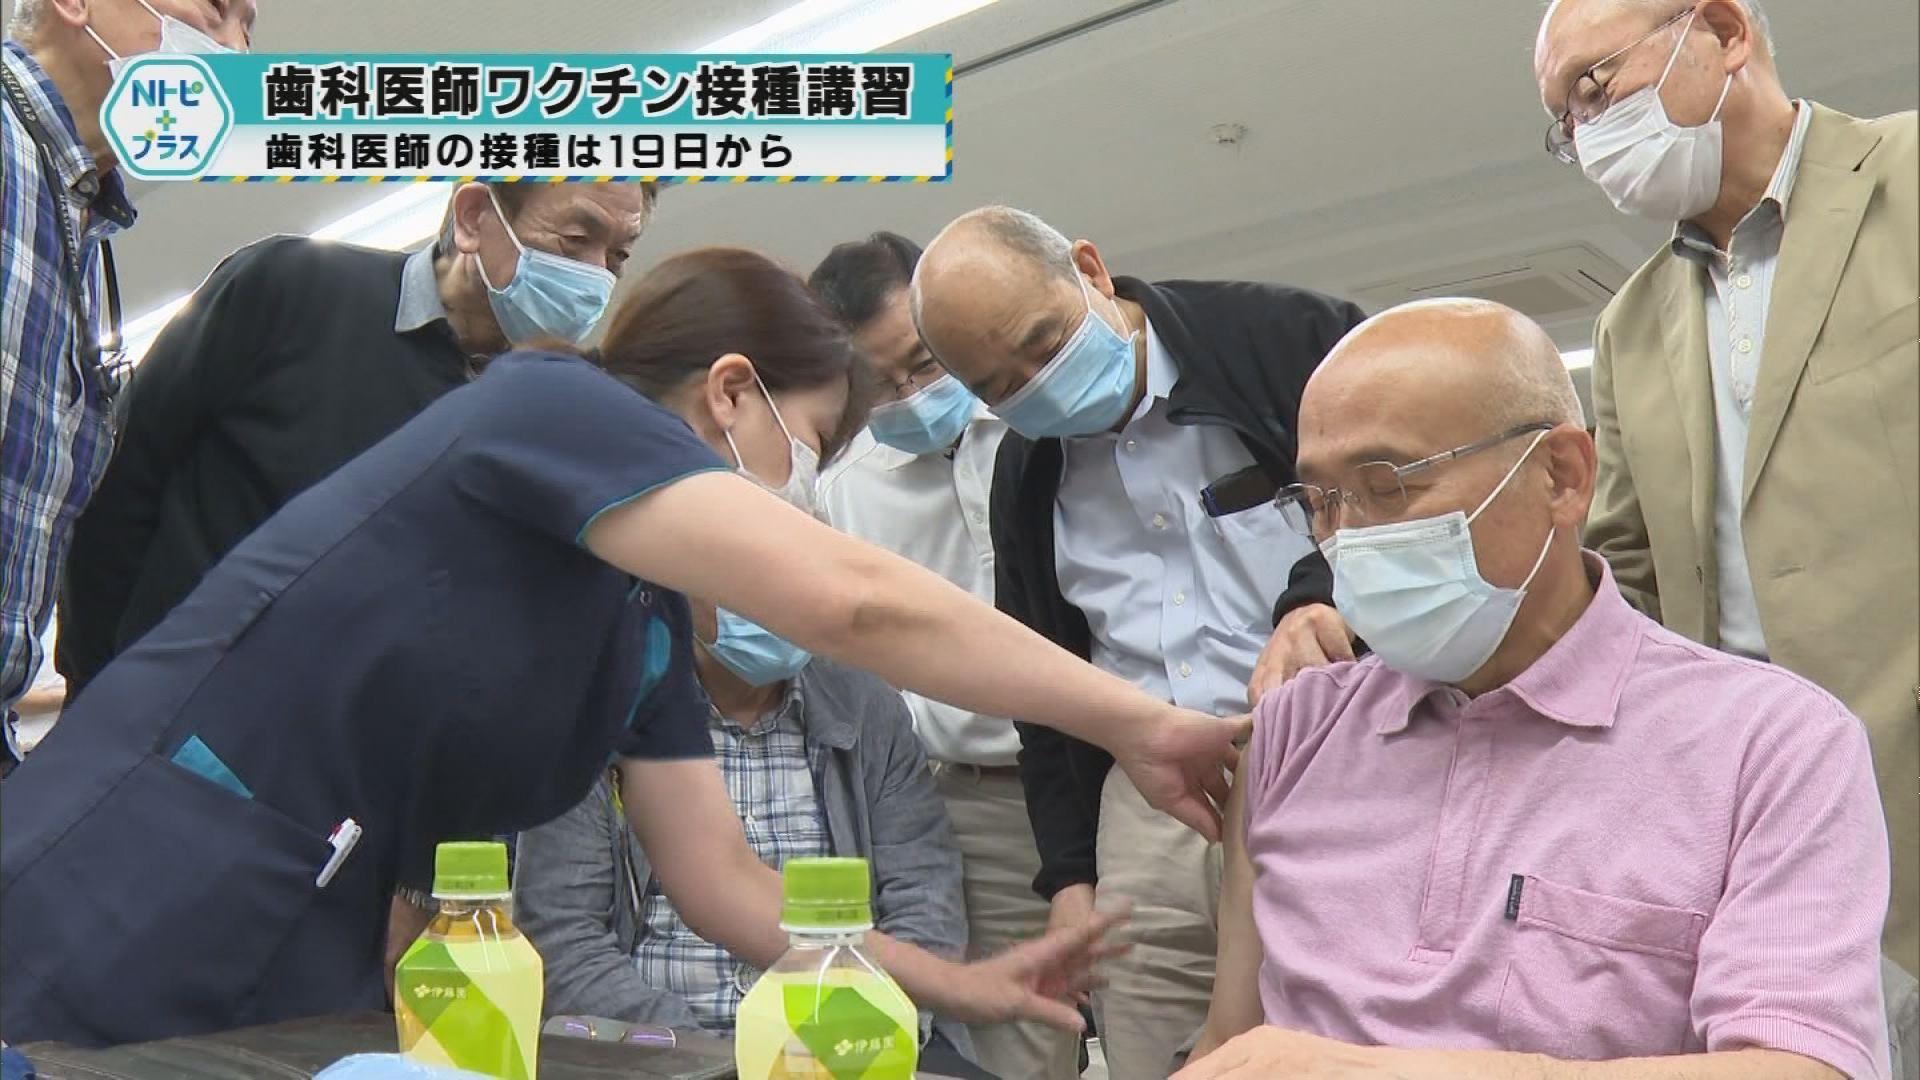 「歯科医師ワクチン接種講習」歯科医師の接種は19日から